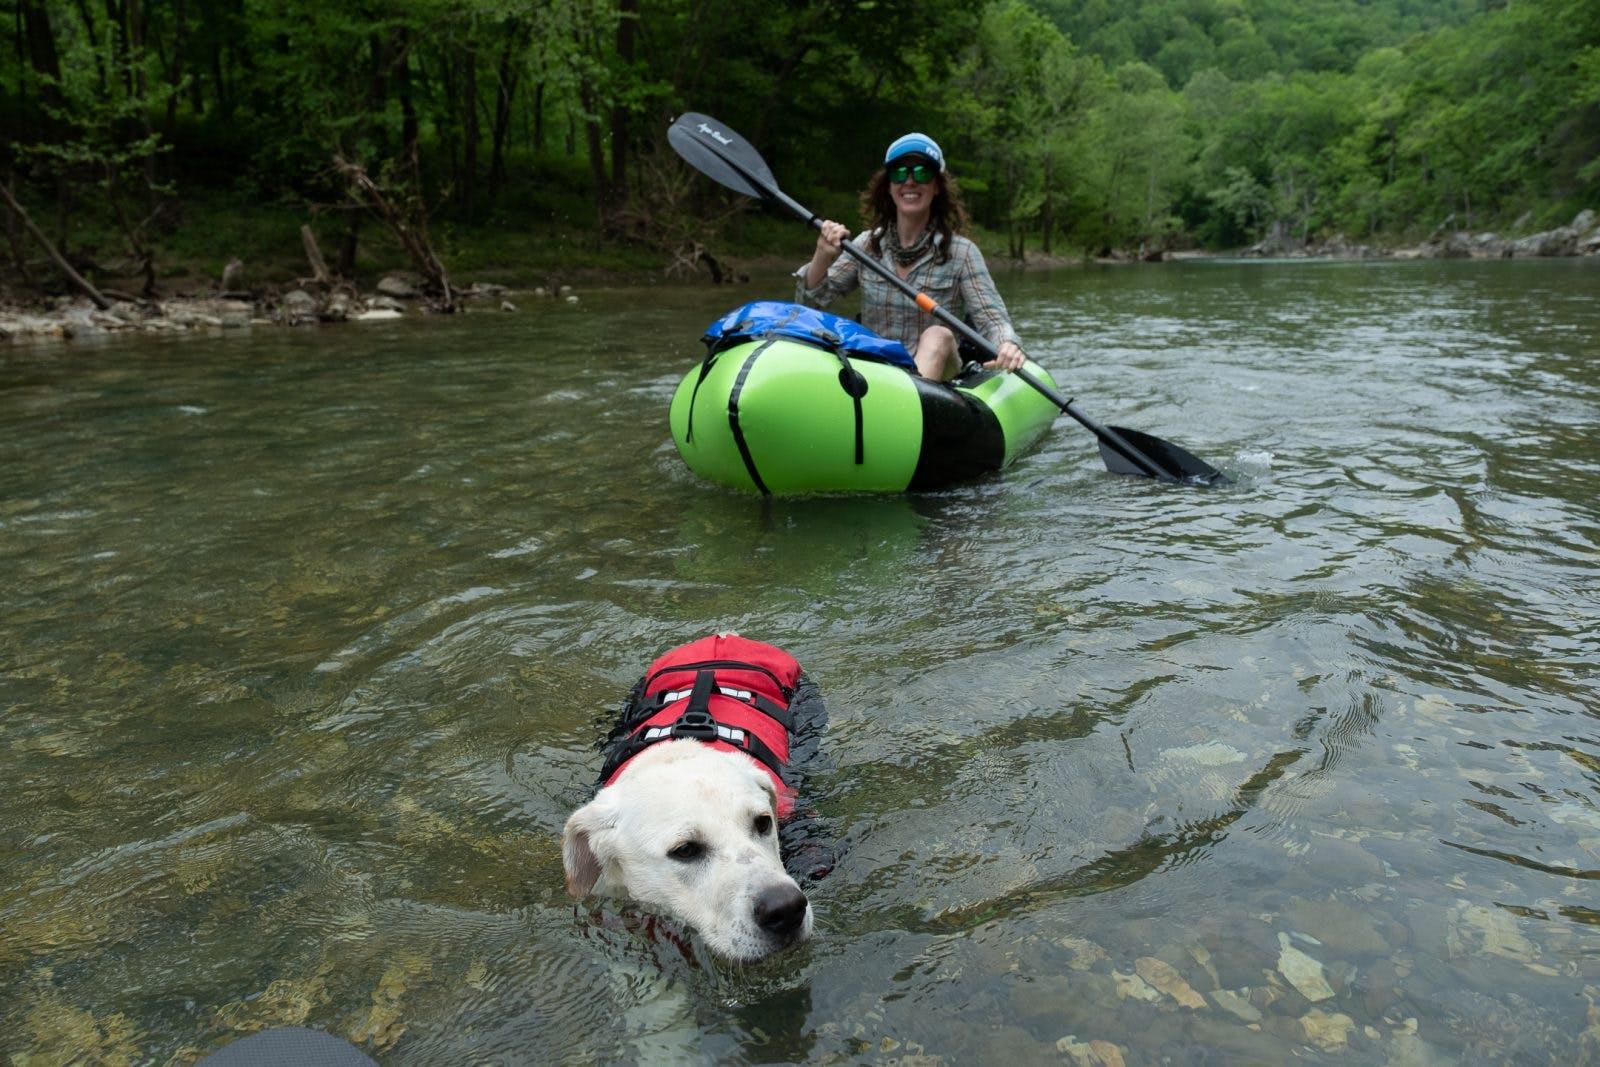 Claire Cripps swimming with Ernie. Photo by Braden Gunem.